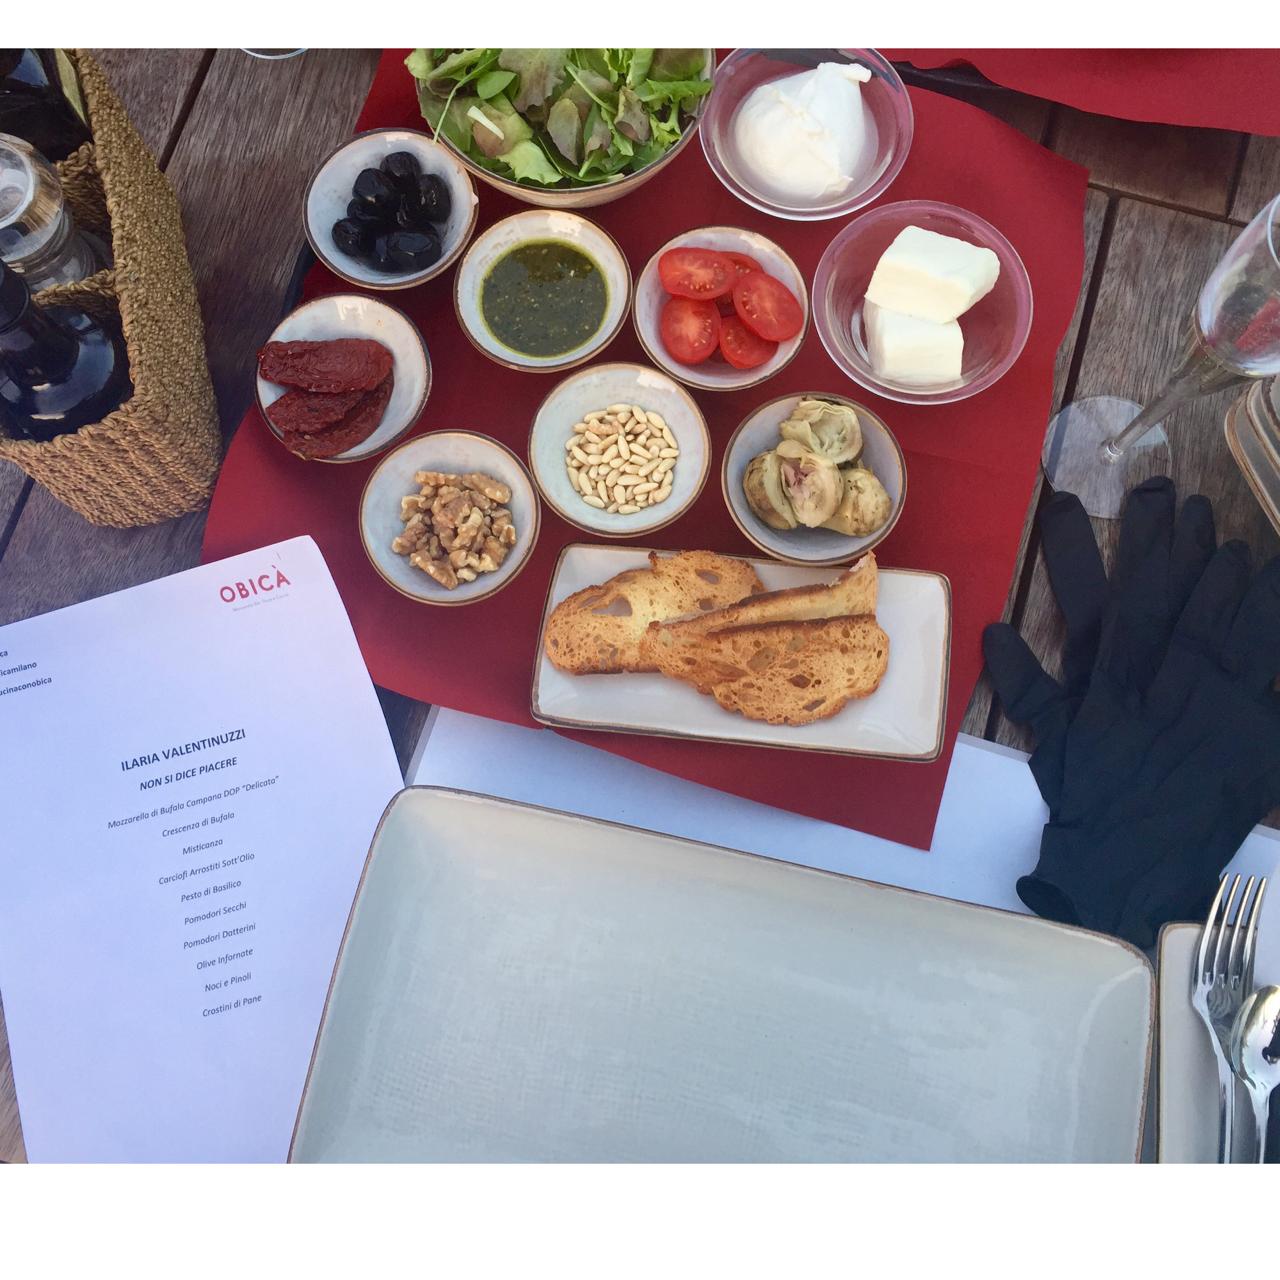 ingredienti-italian-food-stare-a-tavola-cucinare-fresco-stupire-mozzarella-obica-ricetta-facile-non-si-dice-piacere-bon-ton-buone-maniere